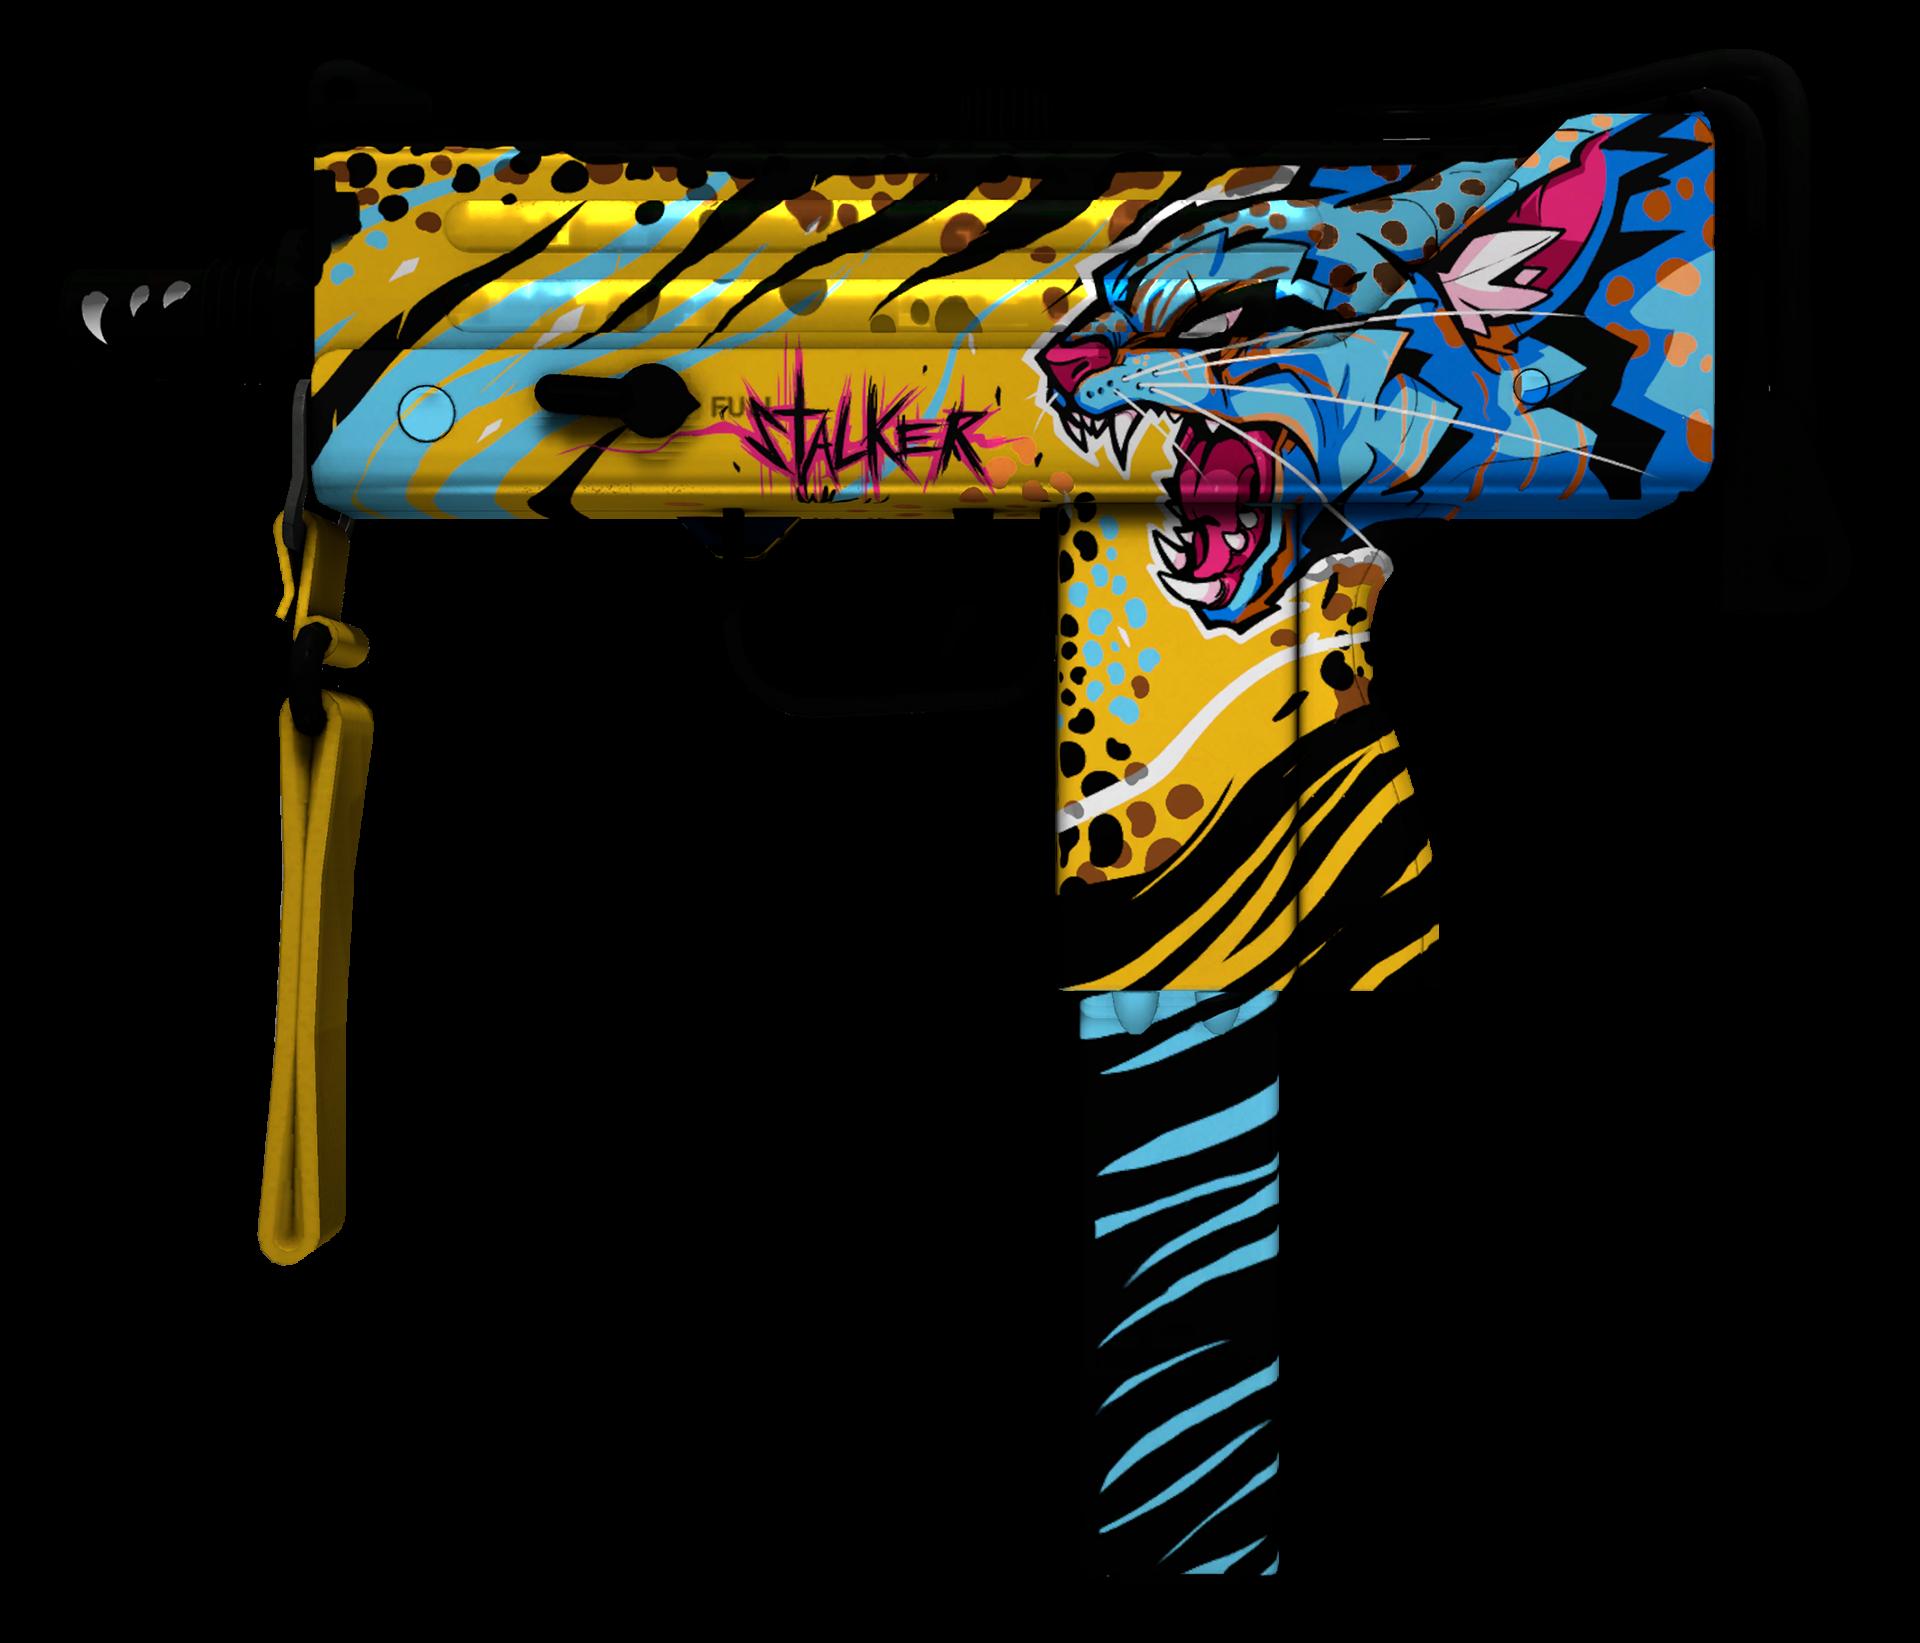 MAC-10 Stalker Large Rendering